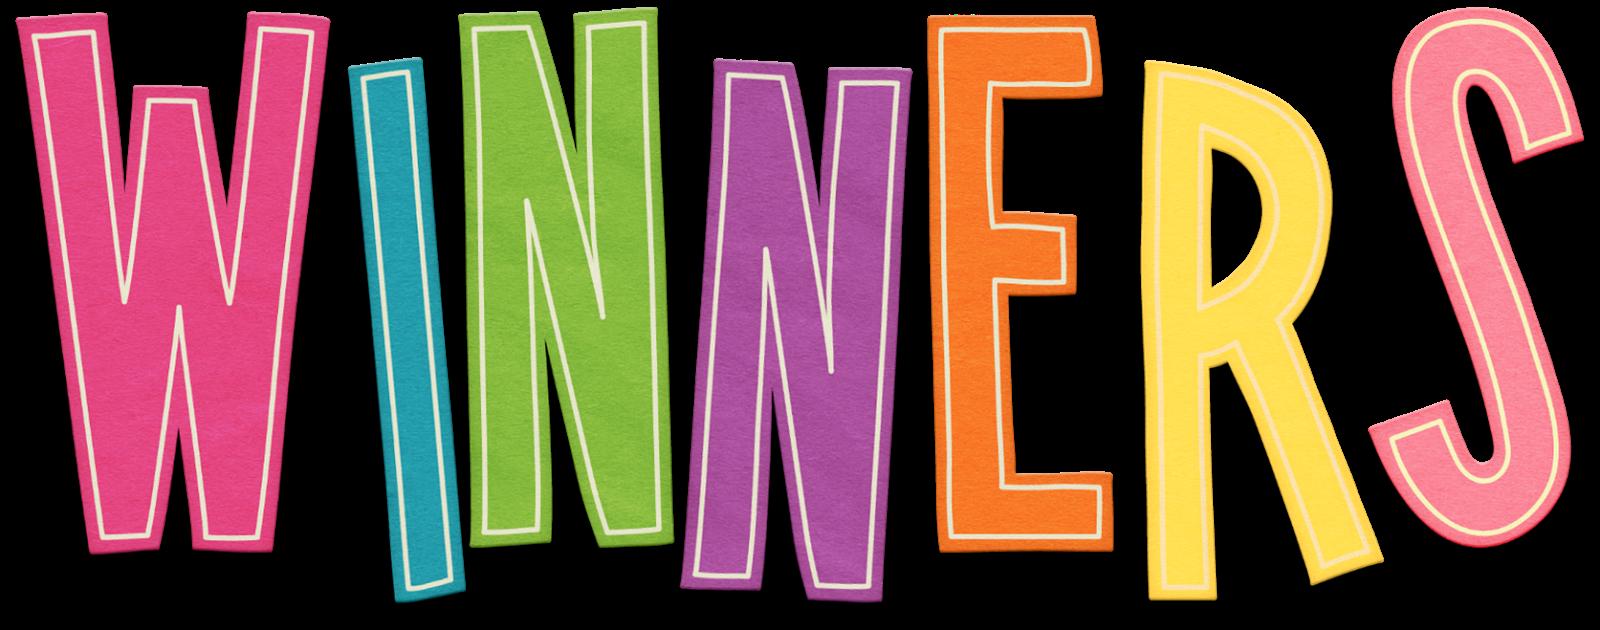 Congratulations winner png - photo#25 - Winner PNG